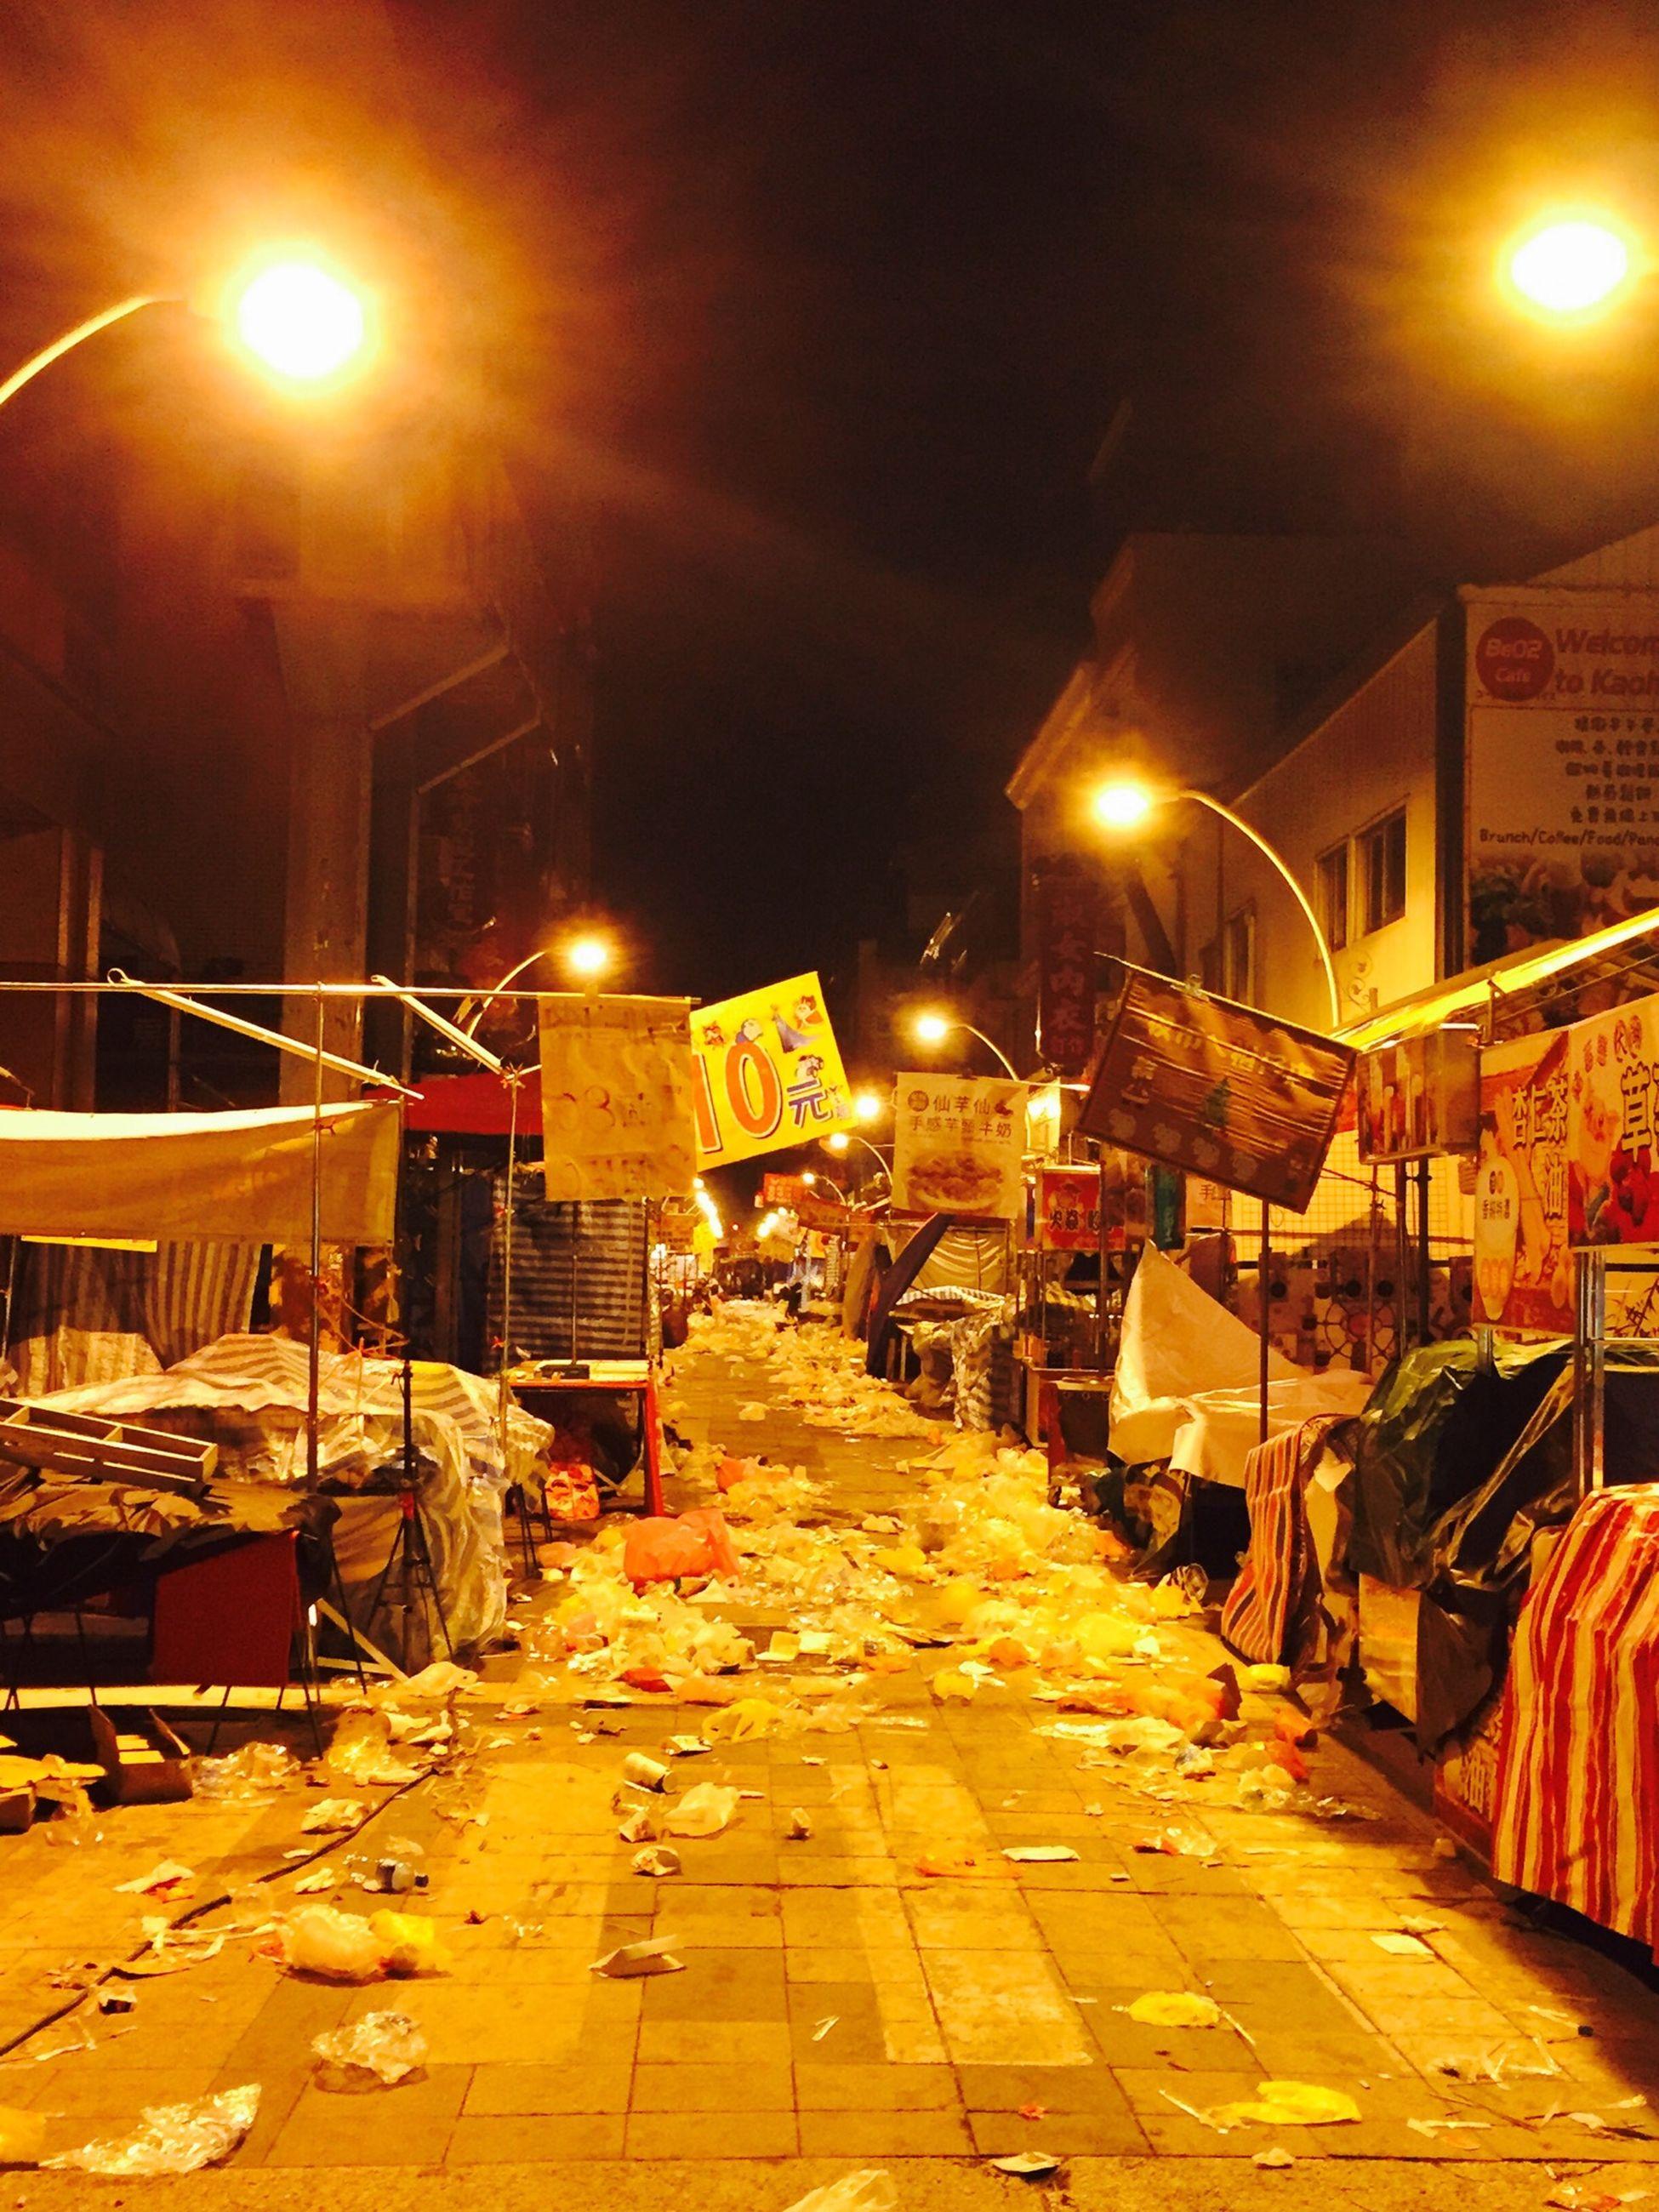 有人潮的地方就是有一堆垃圾 真的是一堆垃圾